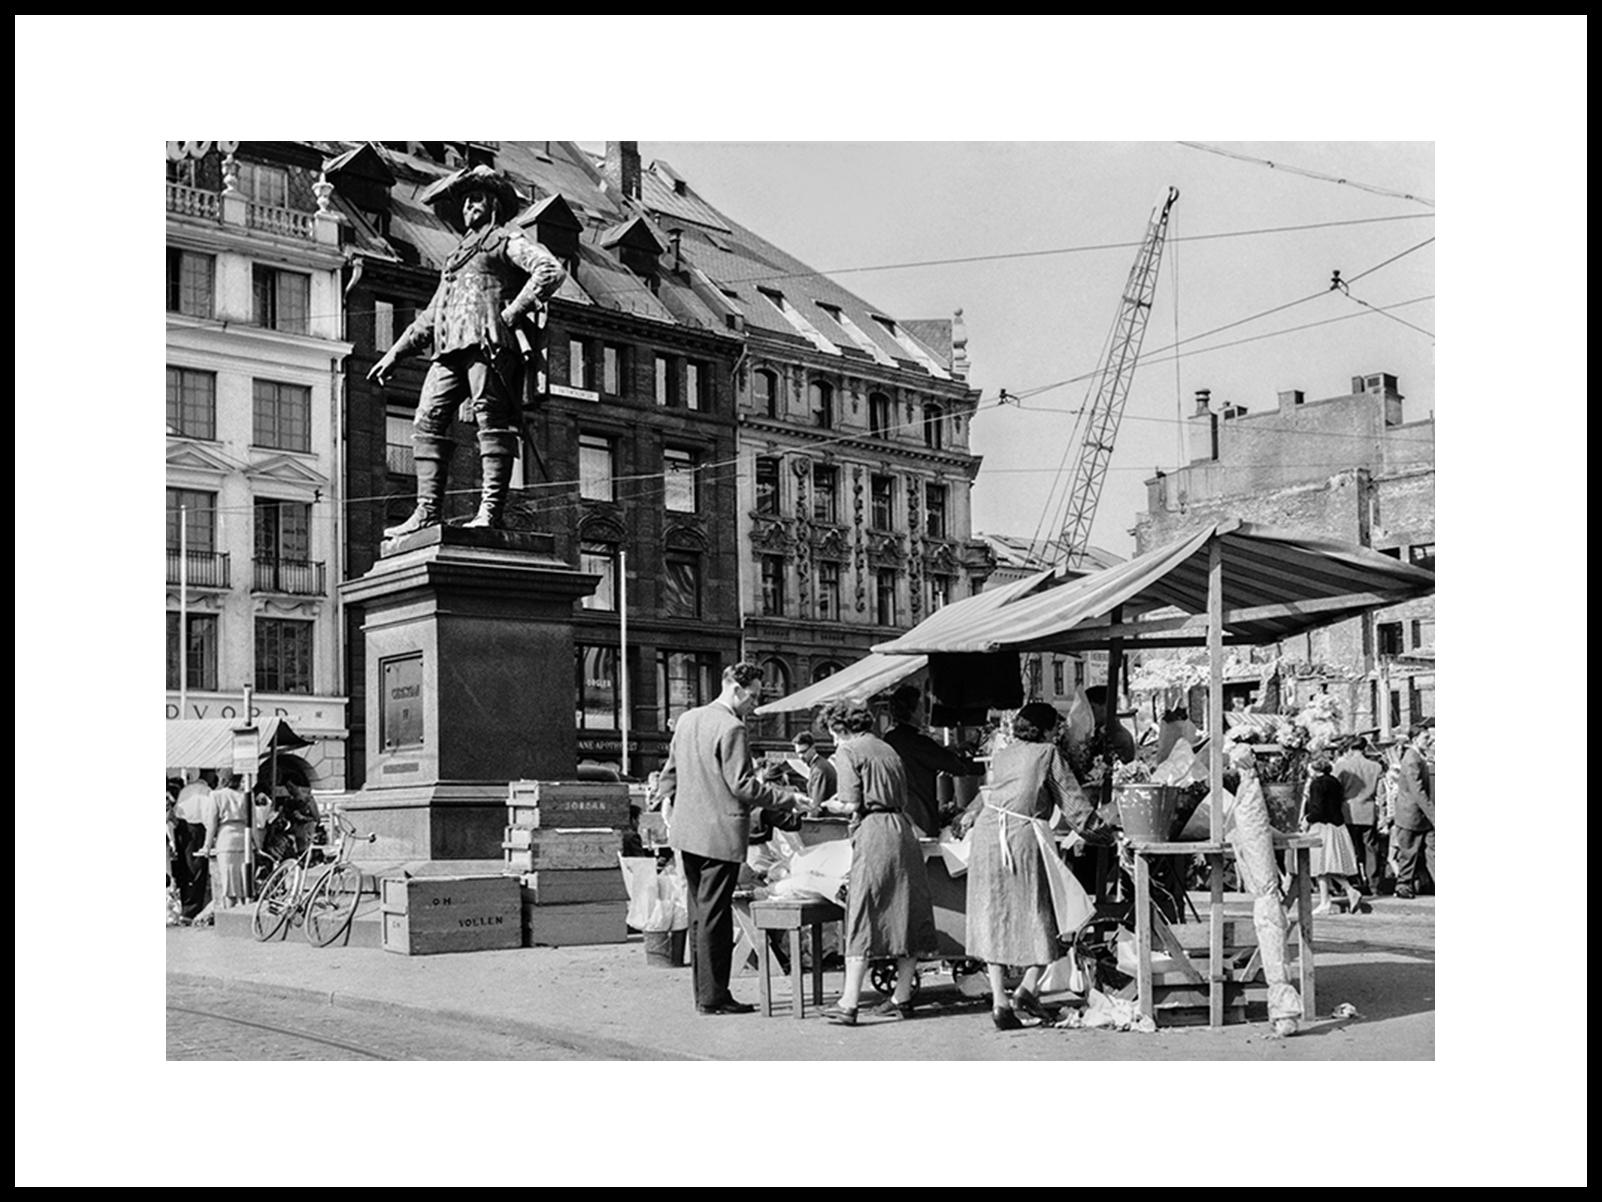 Torghandel På Stortorvet, Oslo 1959